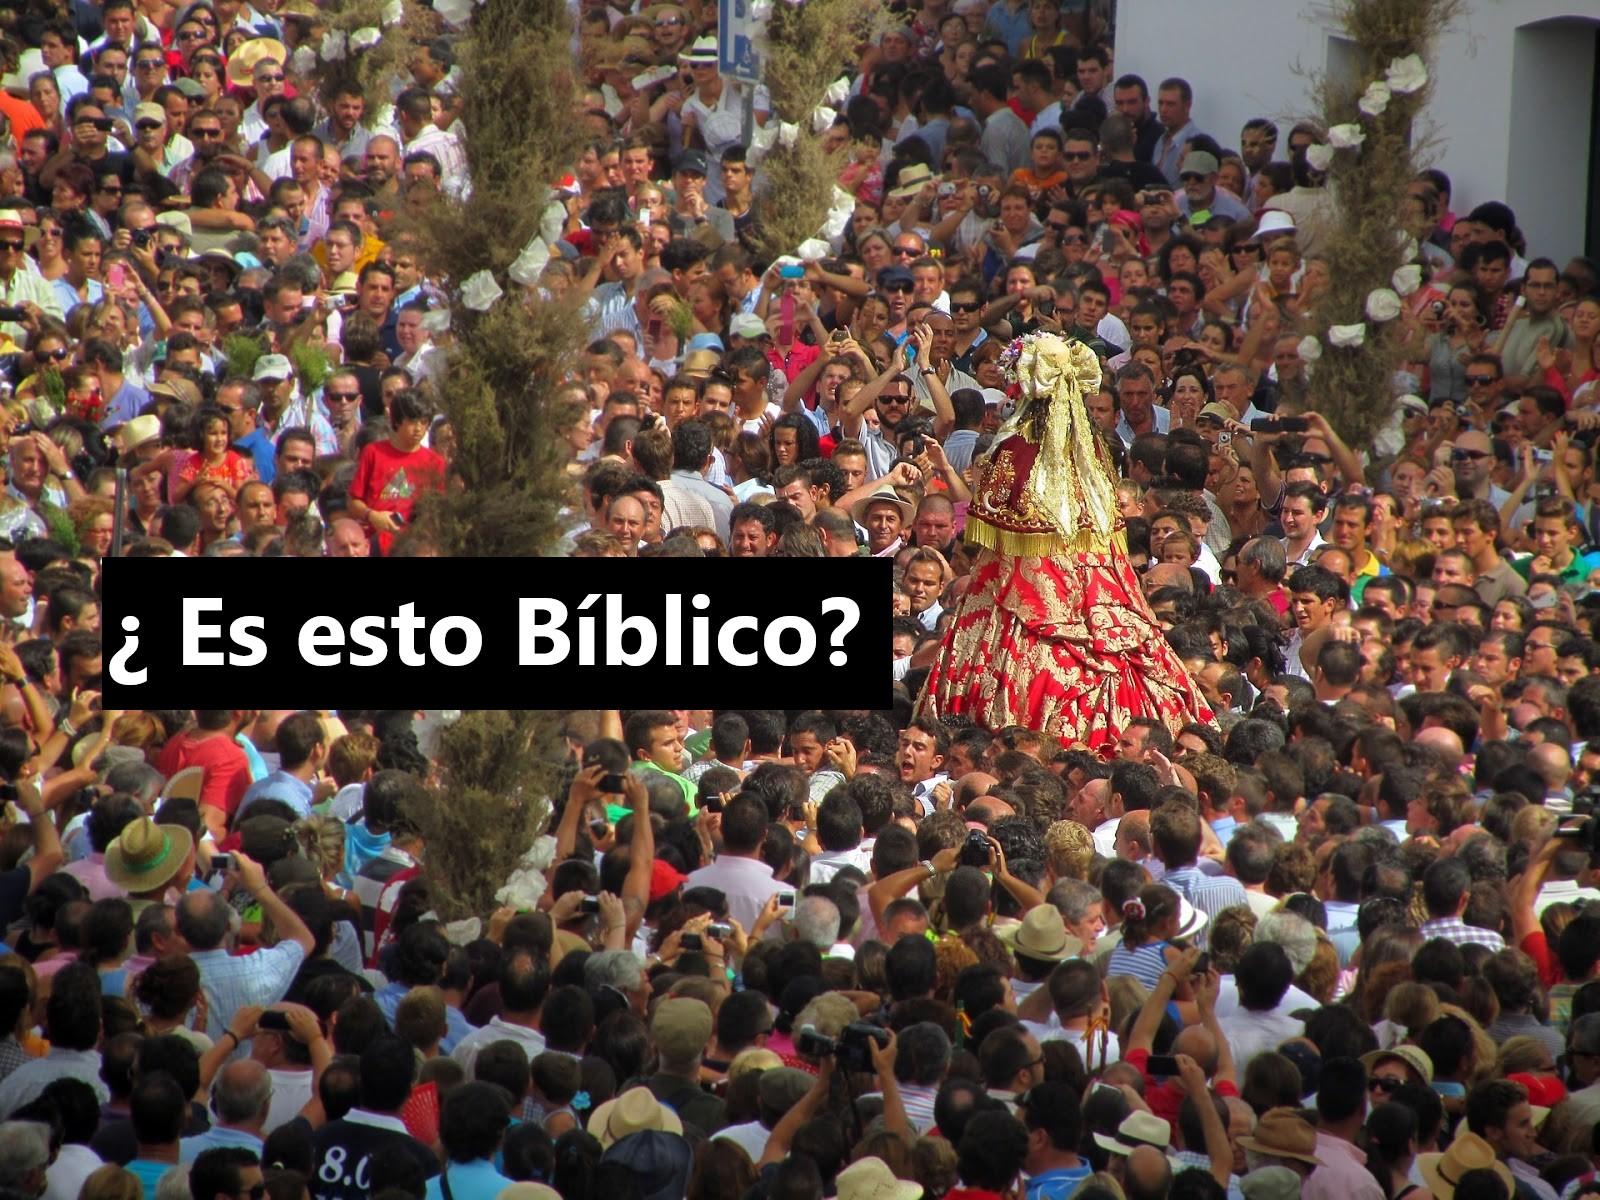 ¿Quién inventó las procesiones?